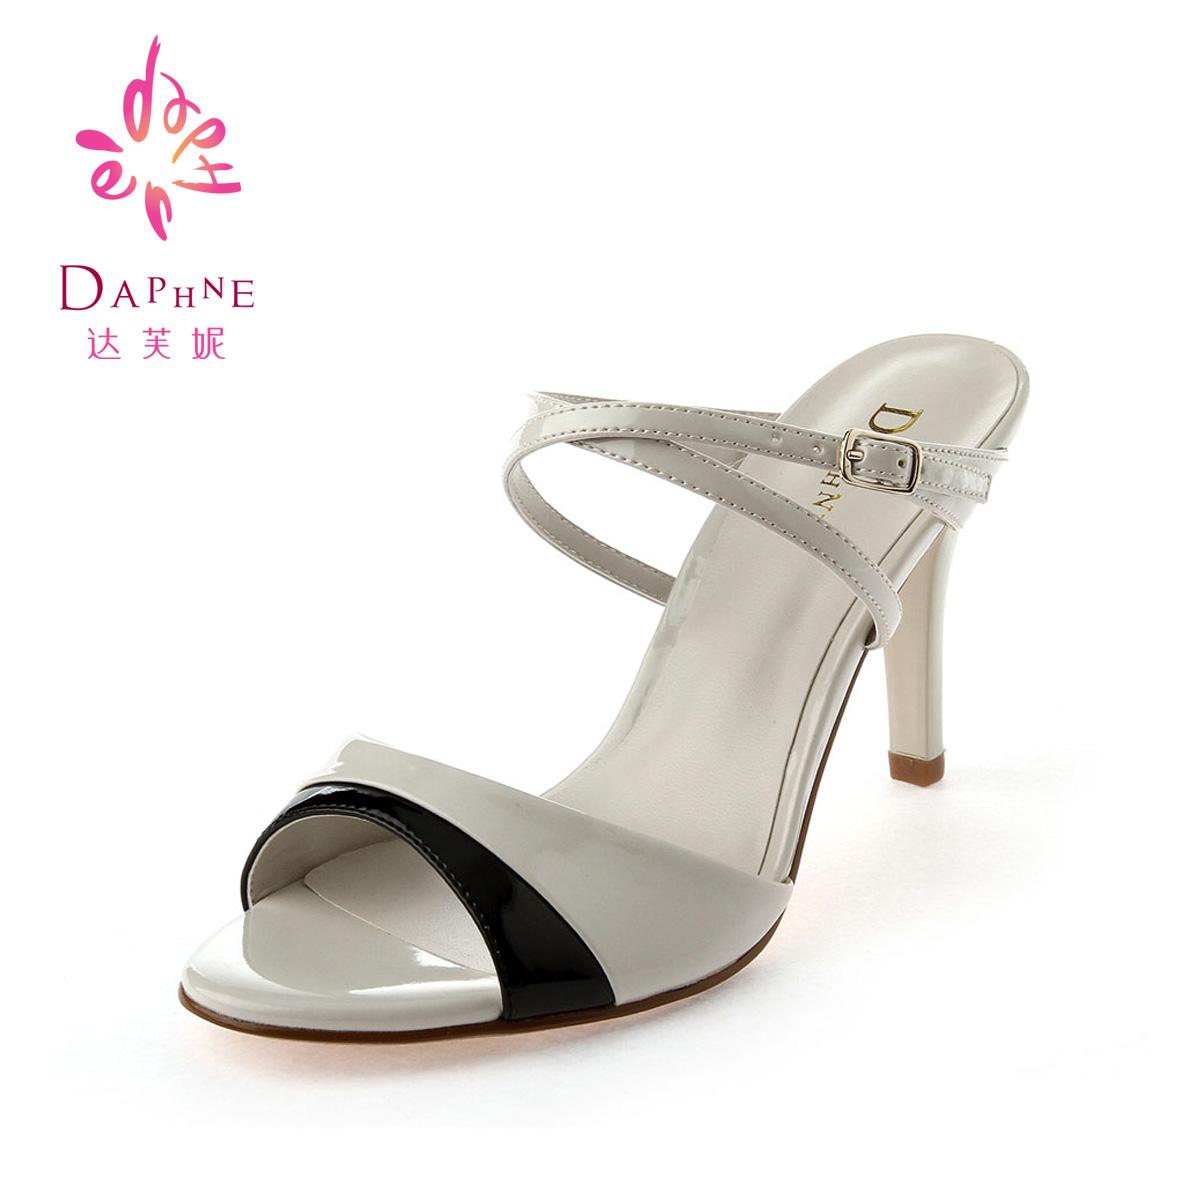 达芙妮高跟鱼嘴鞋_Daphne/达芙妮13年夏新款女鞋1013303199 撞色双拼细跟超高跟凉鞋